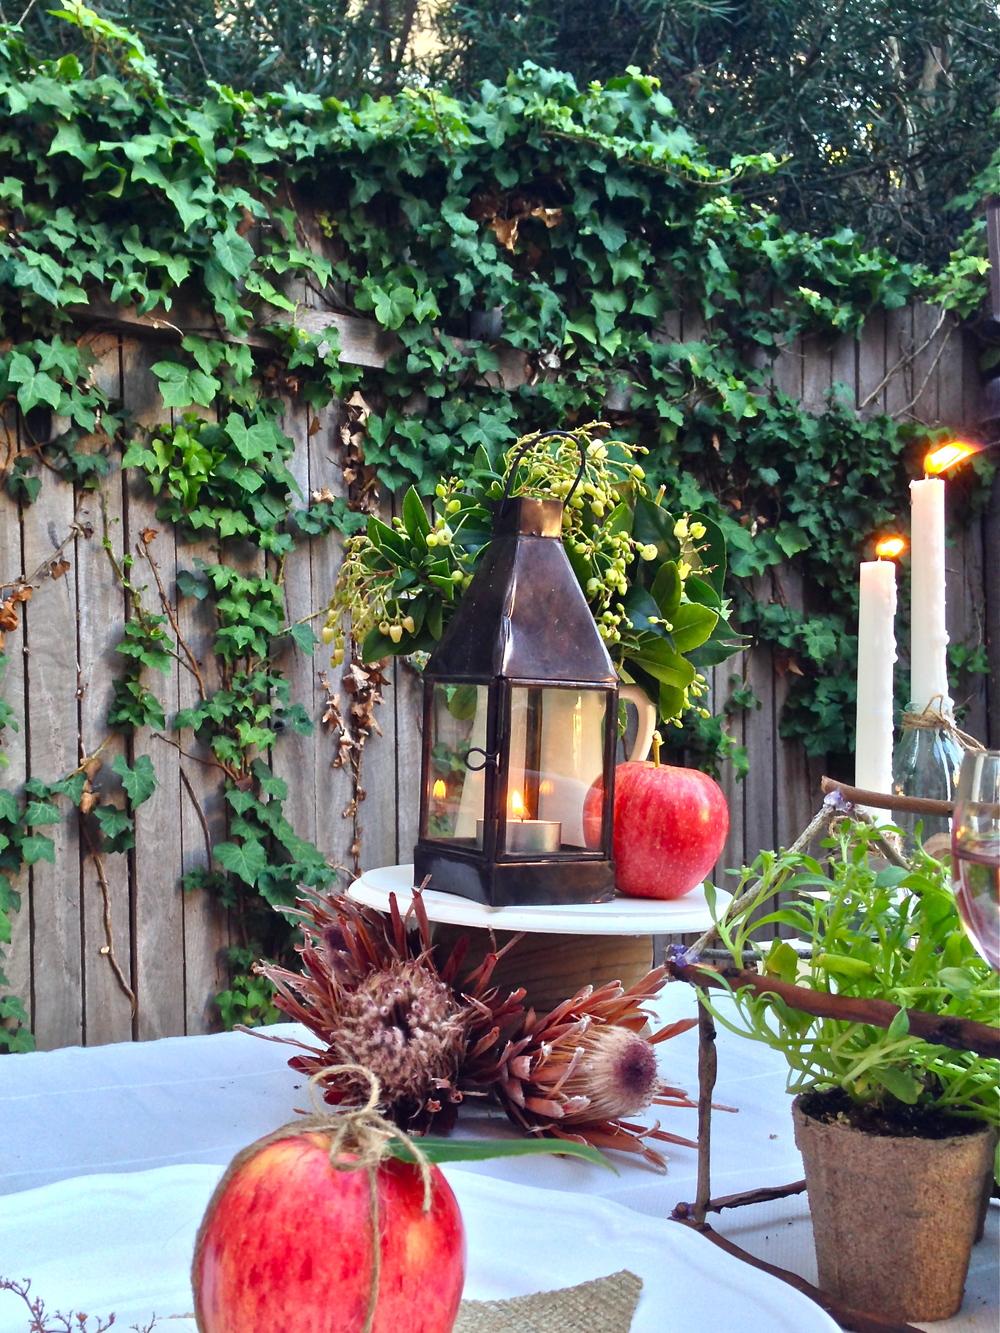 Outdoor Garden Party via Delighted Magazine